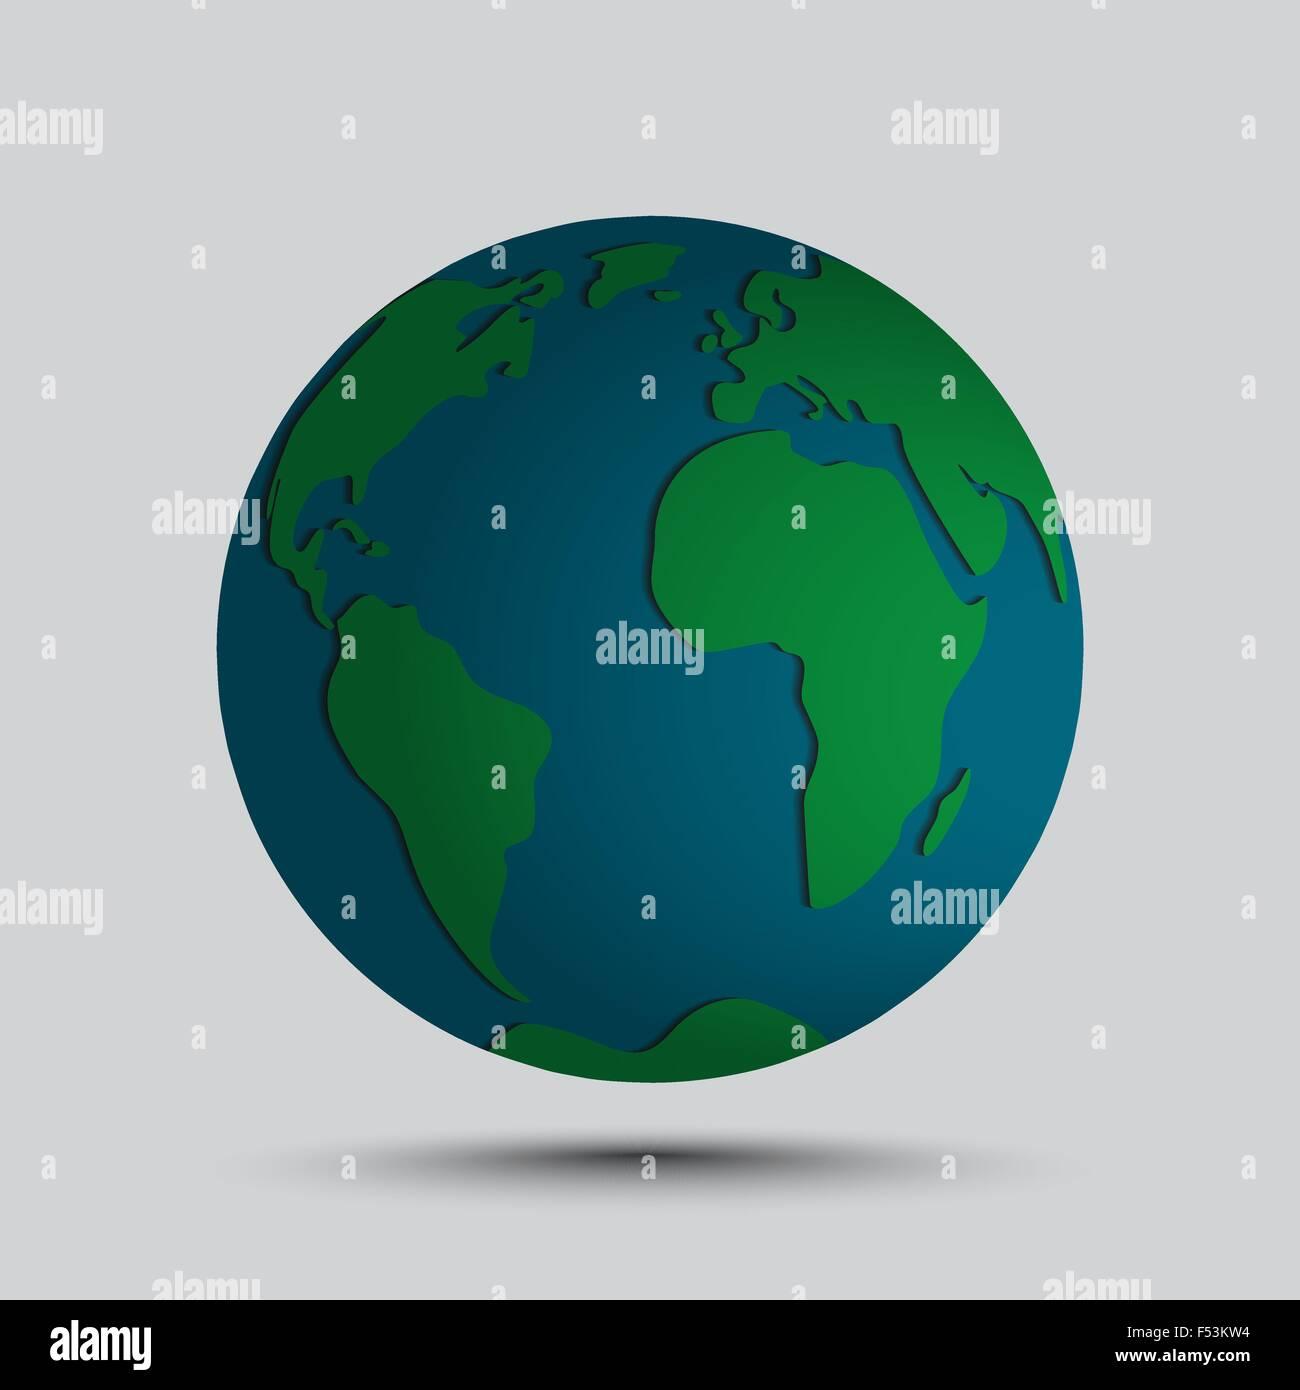 Vettore semplificata mappa del globo icona con semplice goffrato continenti del mondo. Immagini Stock